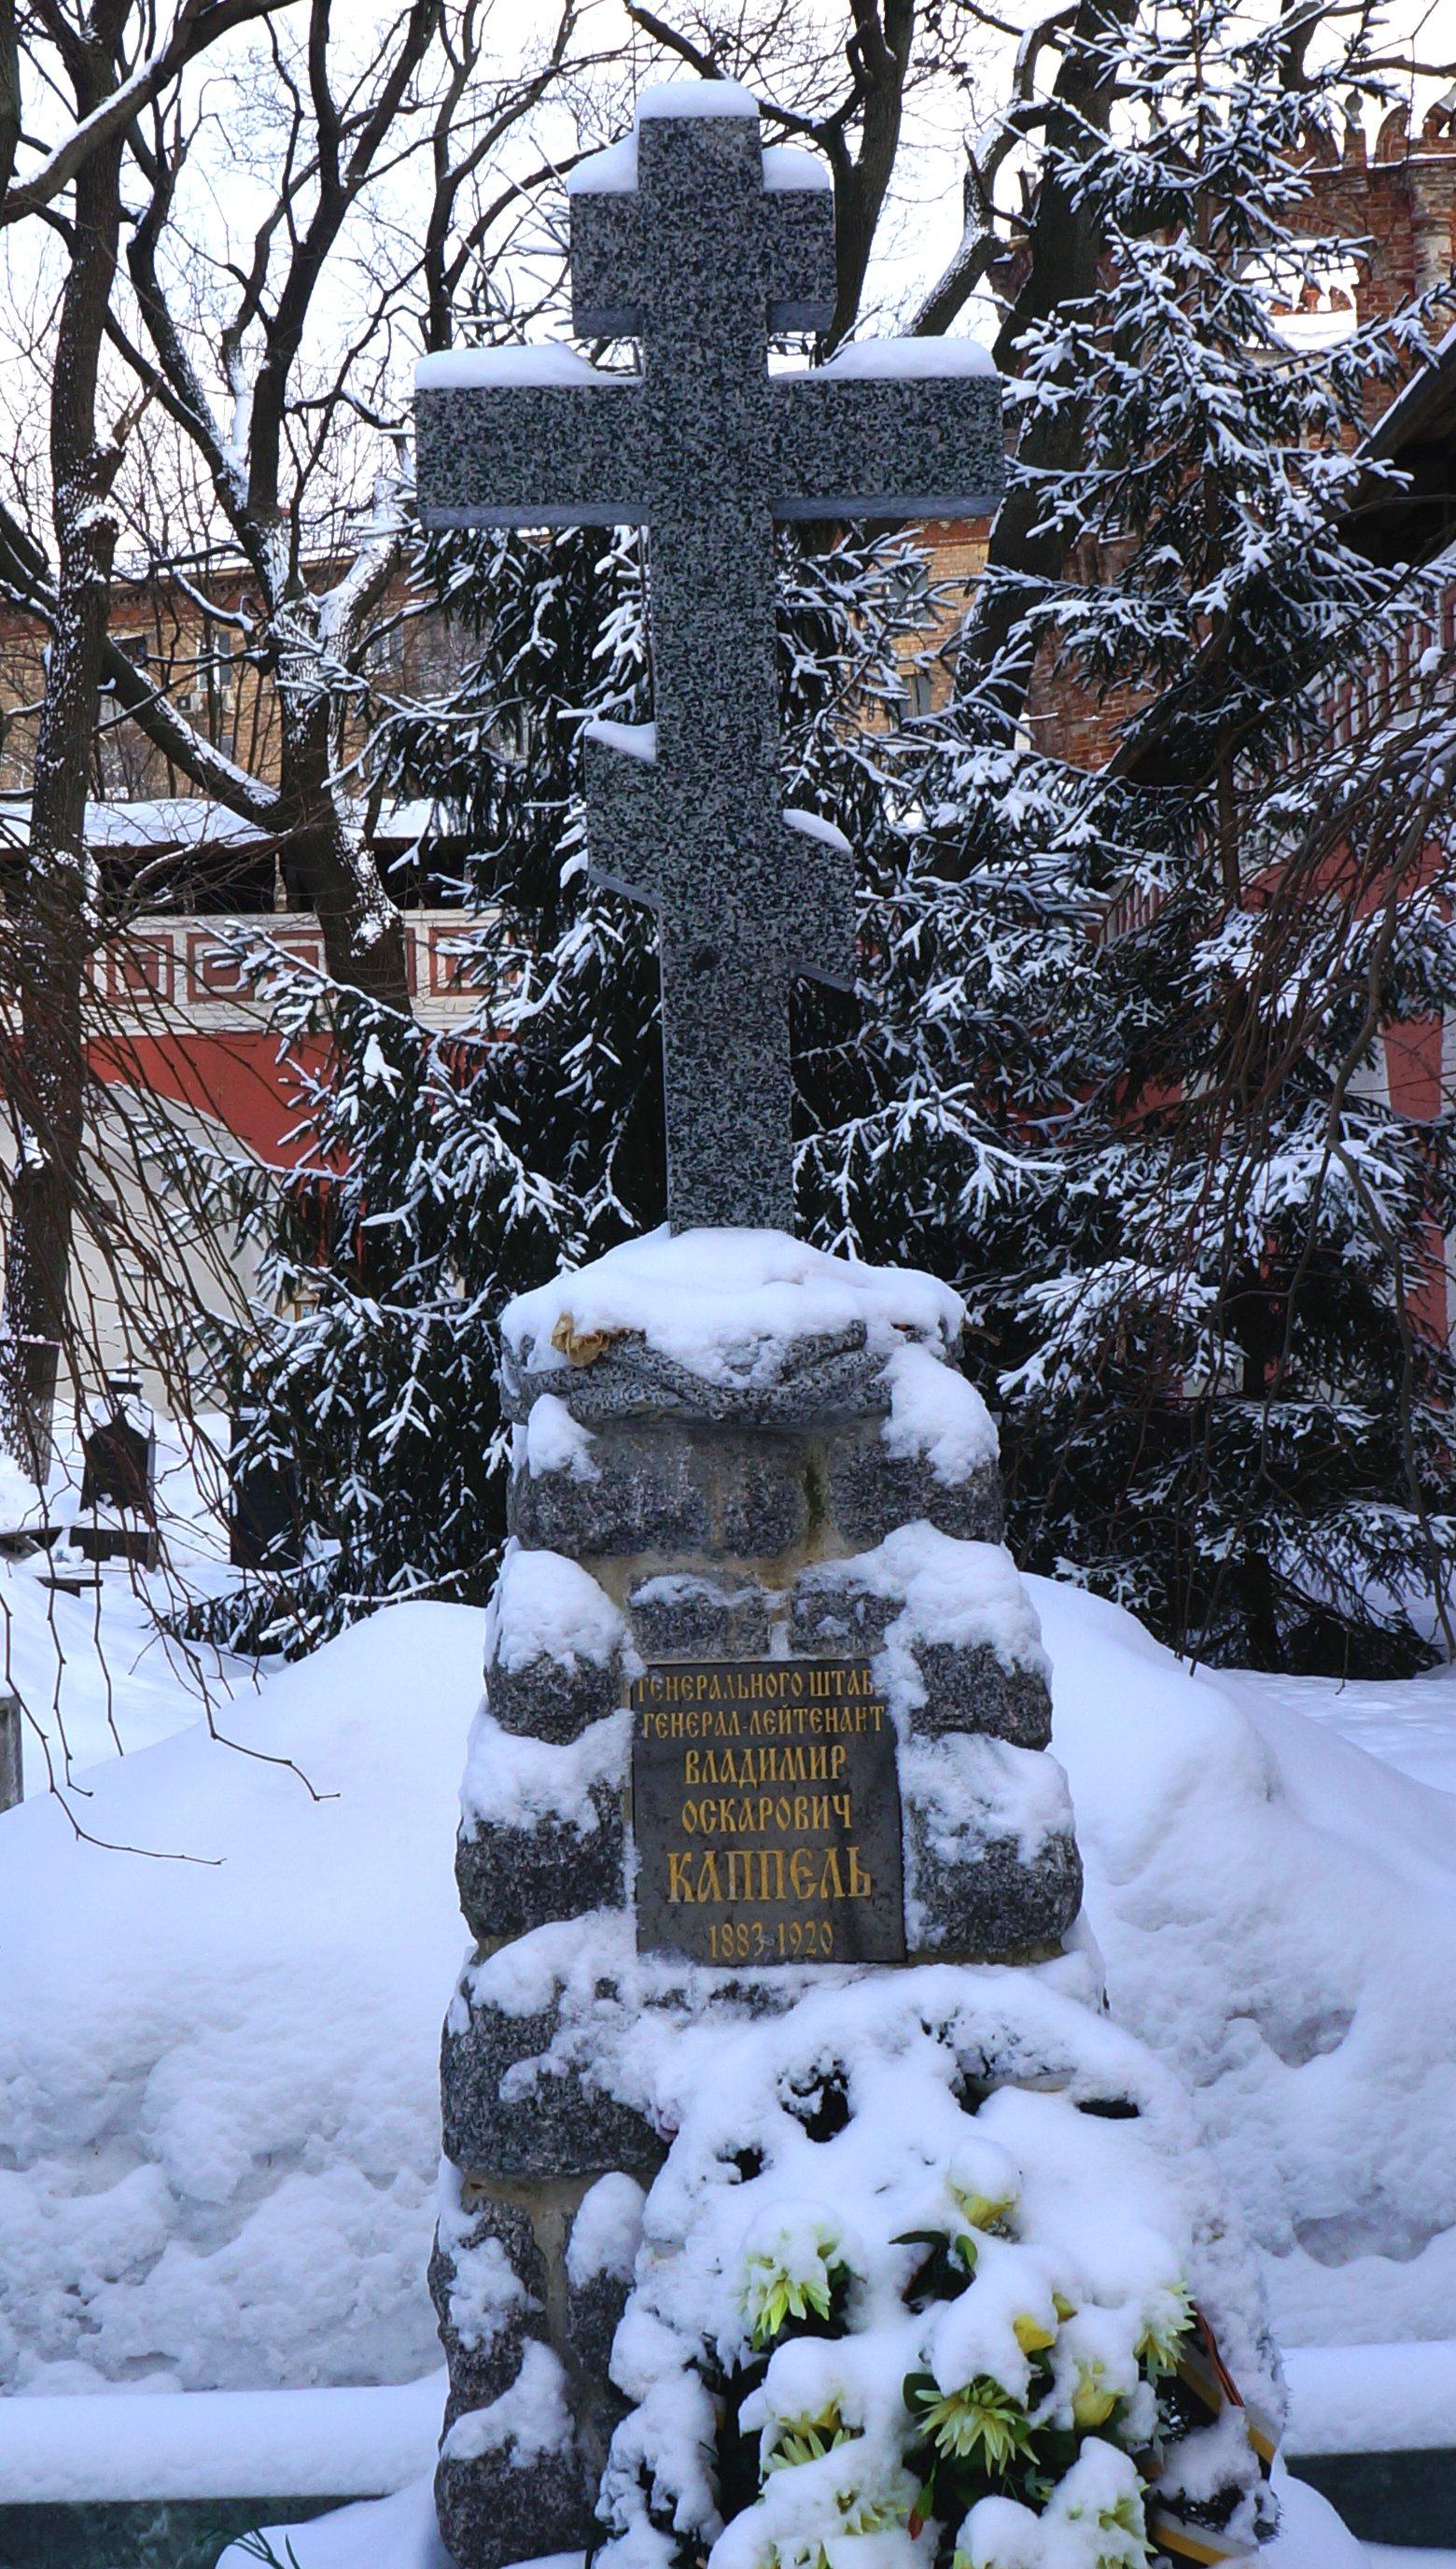 Могила генерала В.О. Каппеля